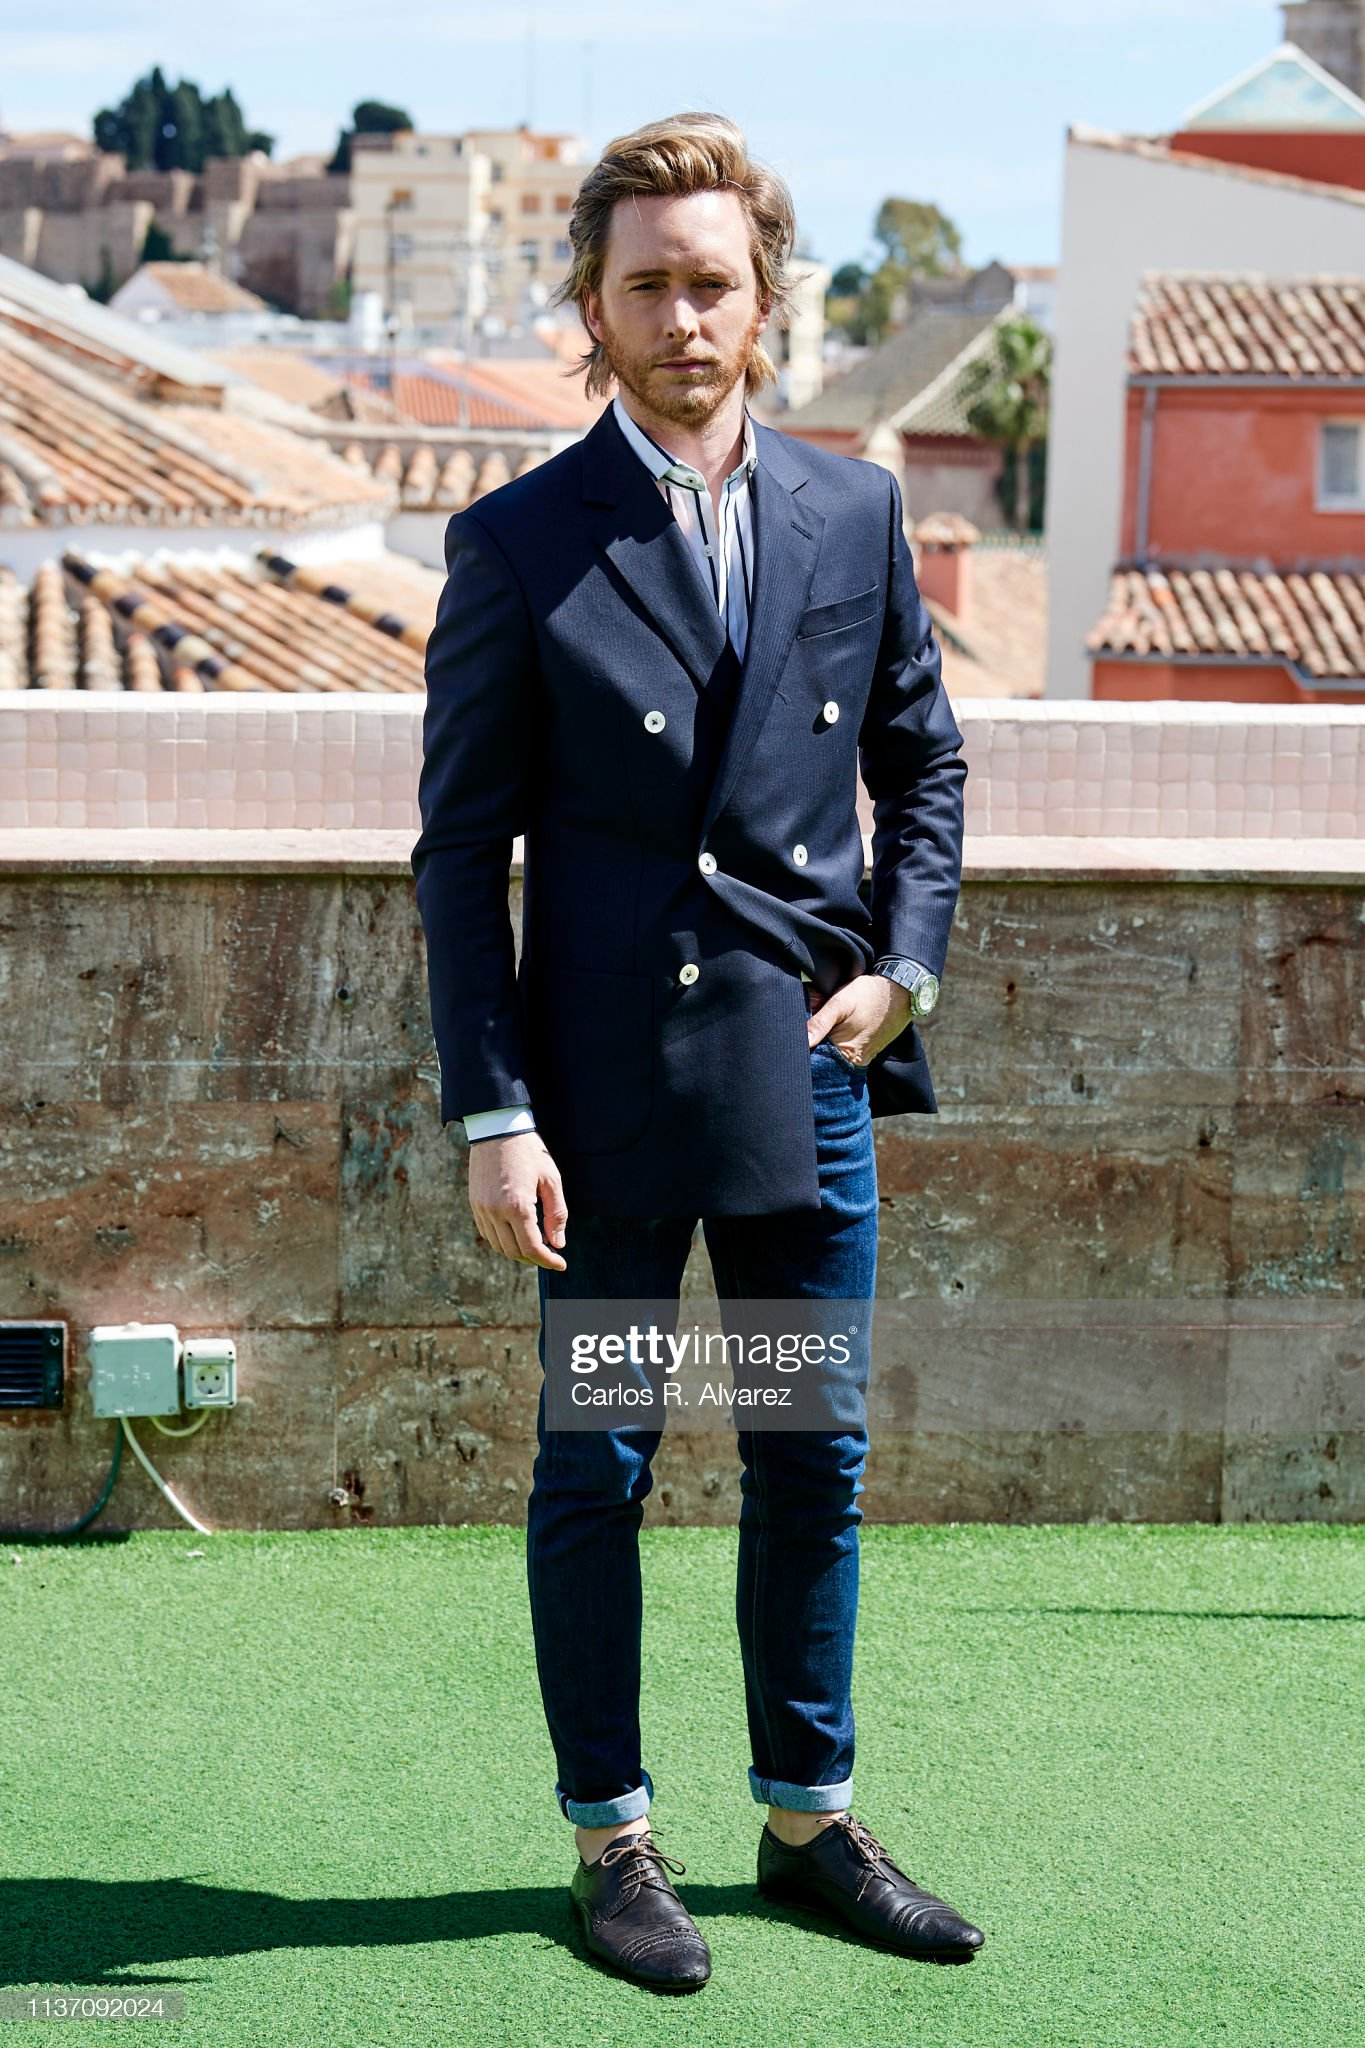 ¿Cuánto mide Pablo Rivero? - Altura Pablo-rivero-attends-20th-season-of-cuentame-como-paso-presentation-picture-id1137092024?s=2048x2048